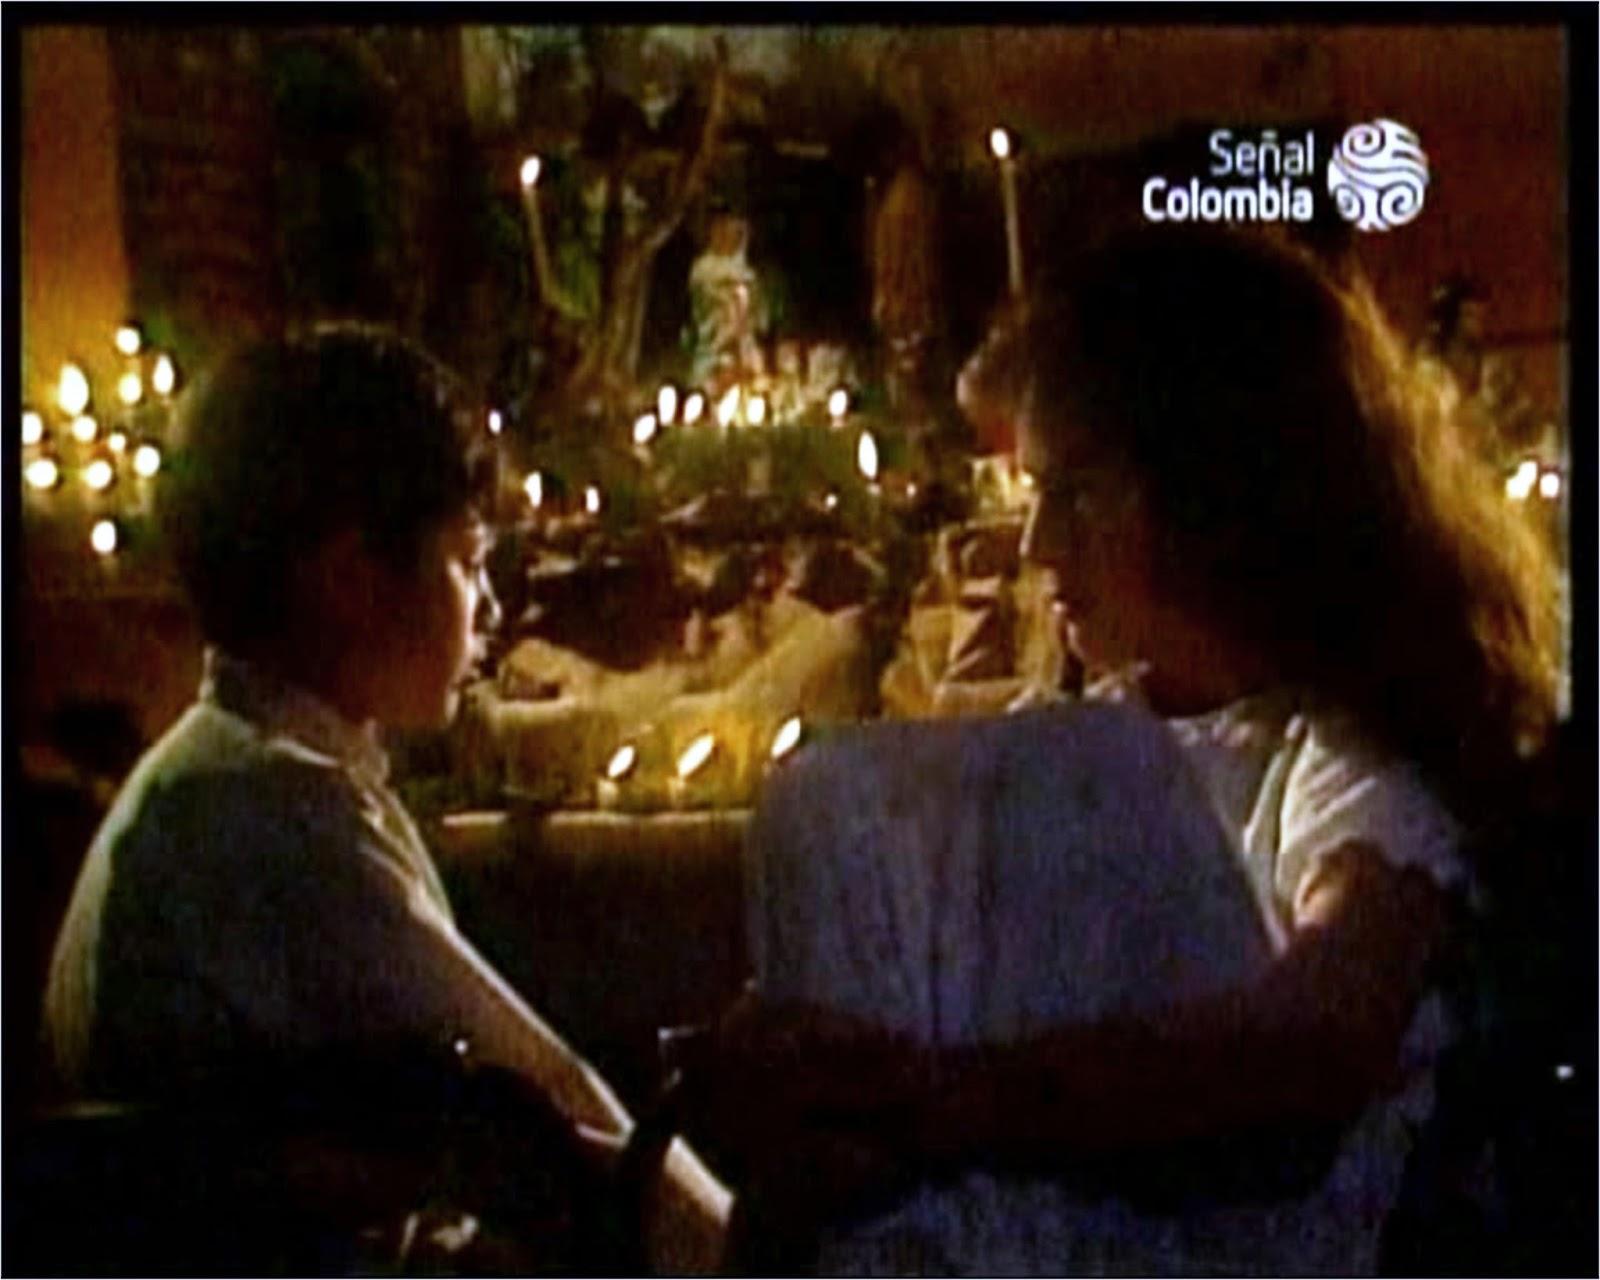 Danna García fotos..La Casa de las dos Palmas 1990 - Página 3 EVANGELINA+(DANNA+GARCIA+NI%C3%91A)+ZZC